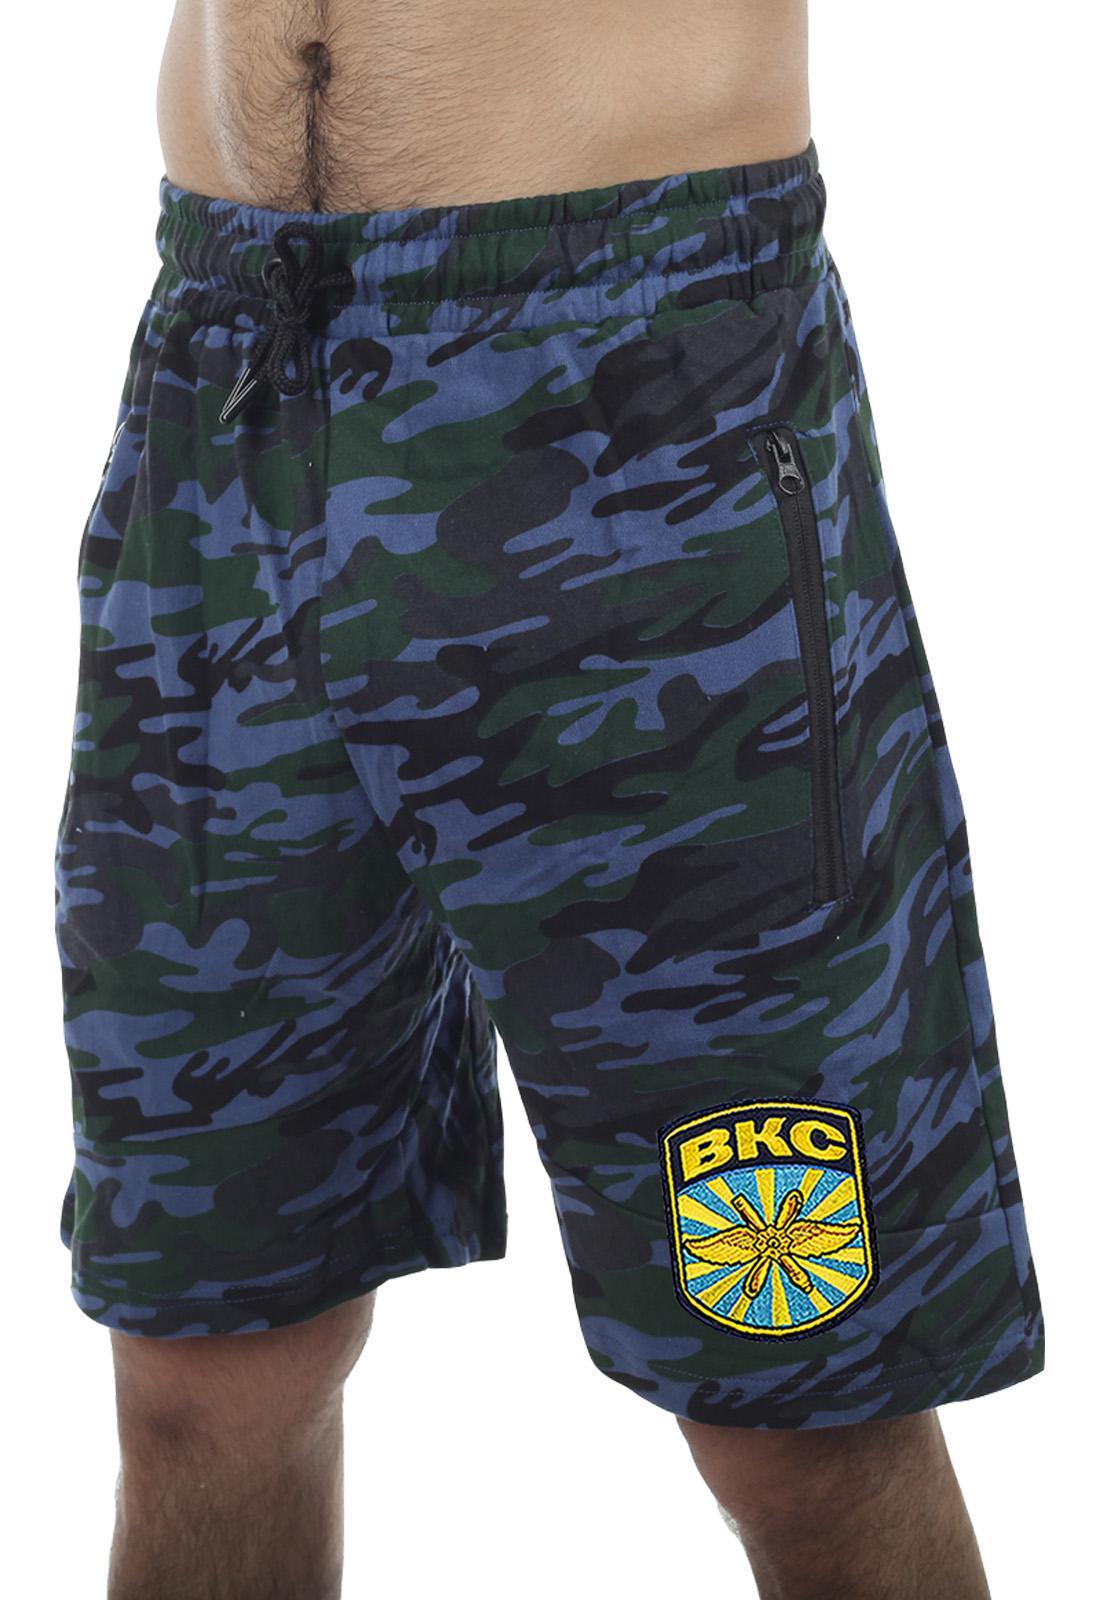 Купить стильные милитари-шорты с карманами и нашивкой ВКС в подарок мужу